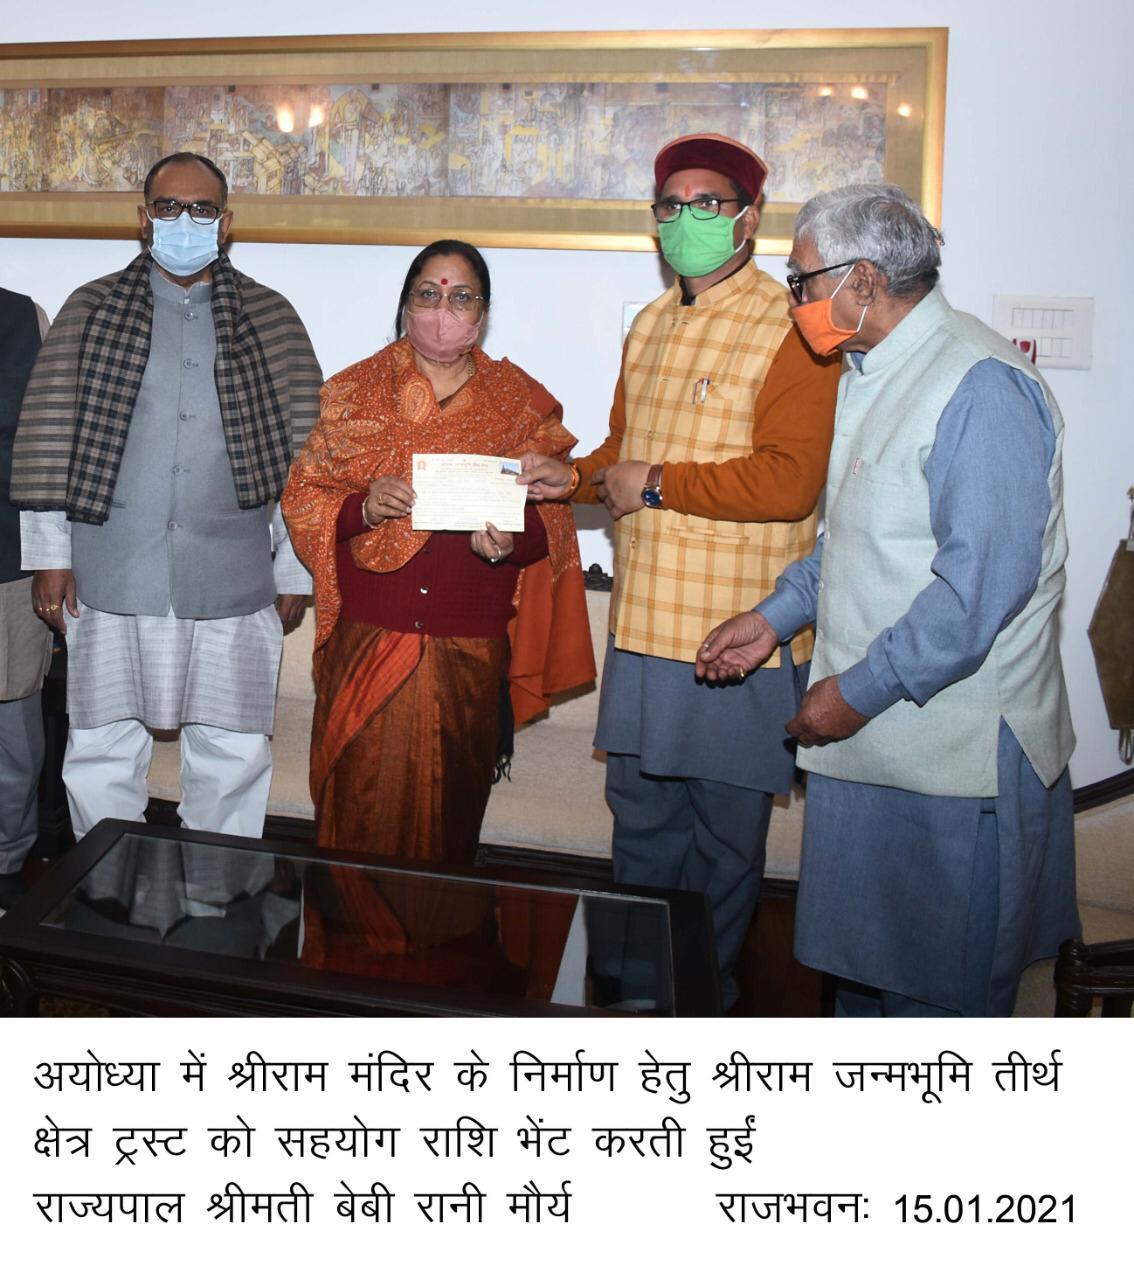 राज्यपाल बेबी रानी मौर्य ने अयोध्या में श्रीराम मंदिर निर्माण के लिए दी सहयोग राशि